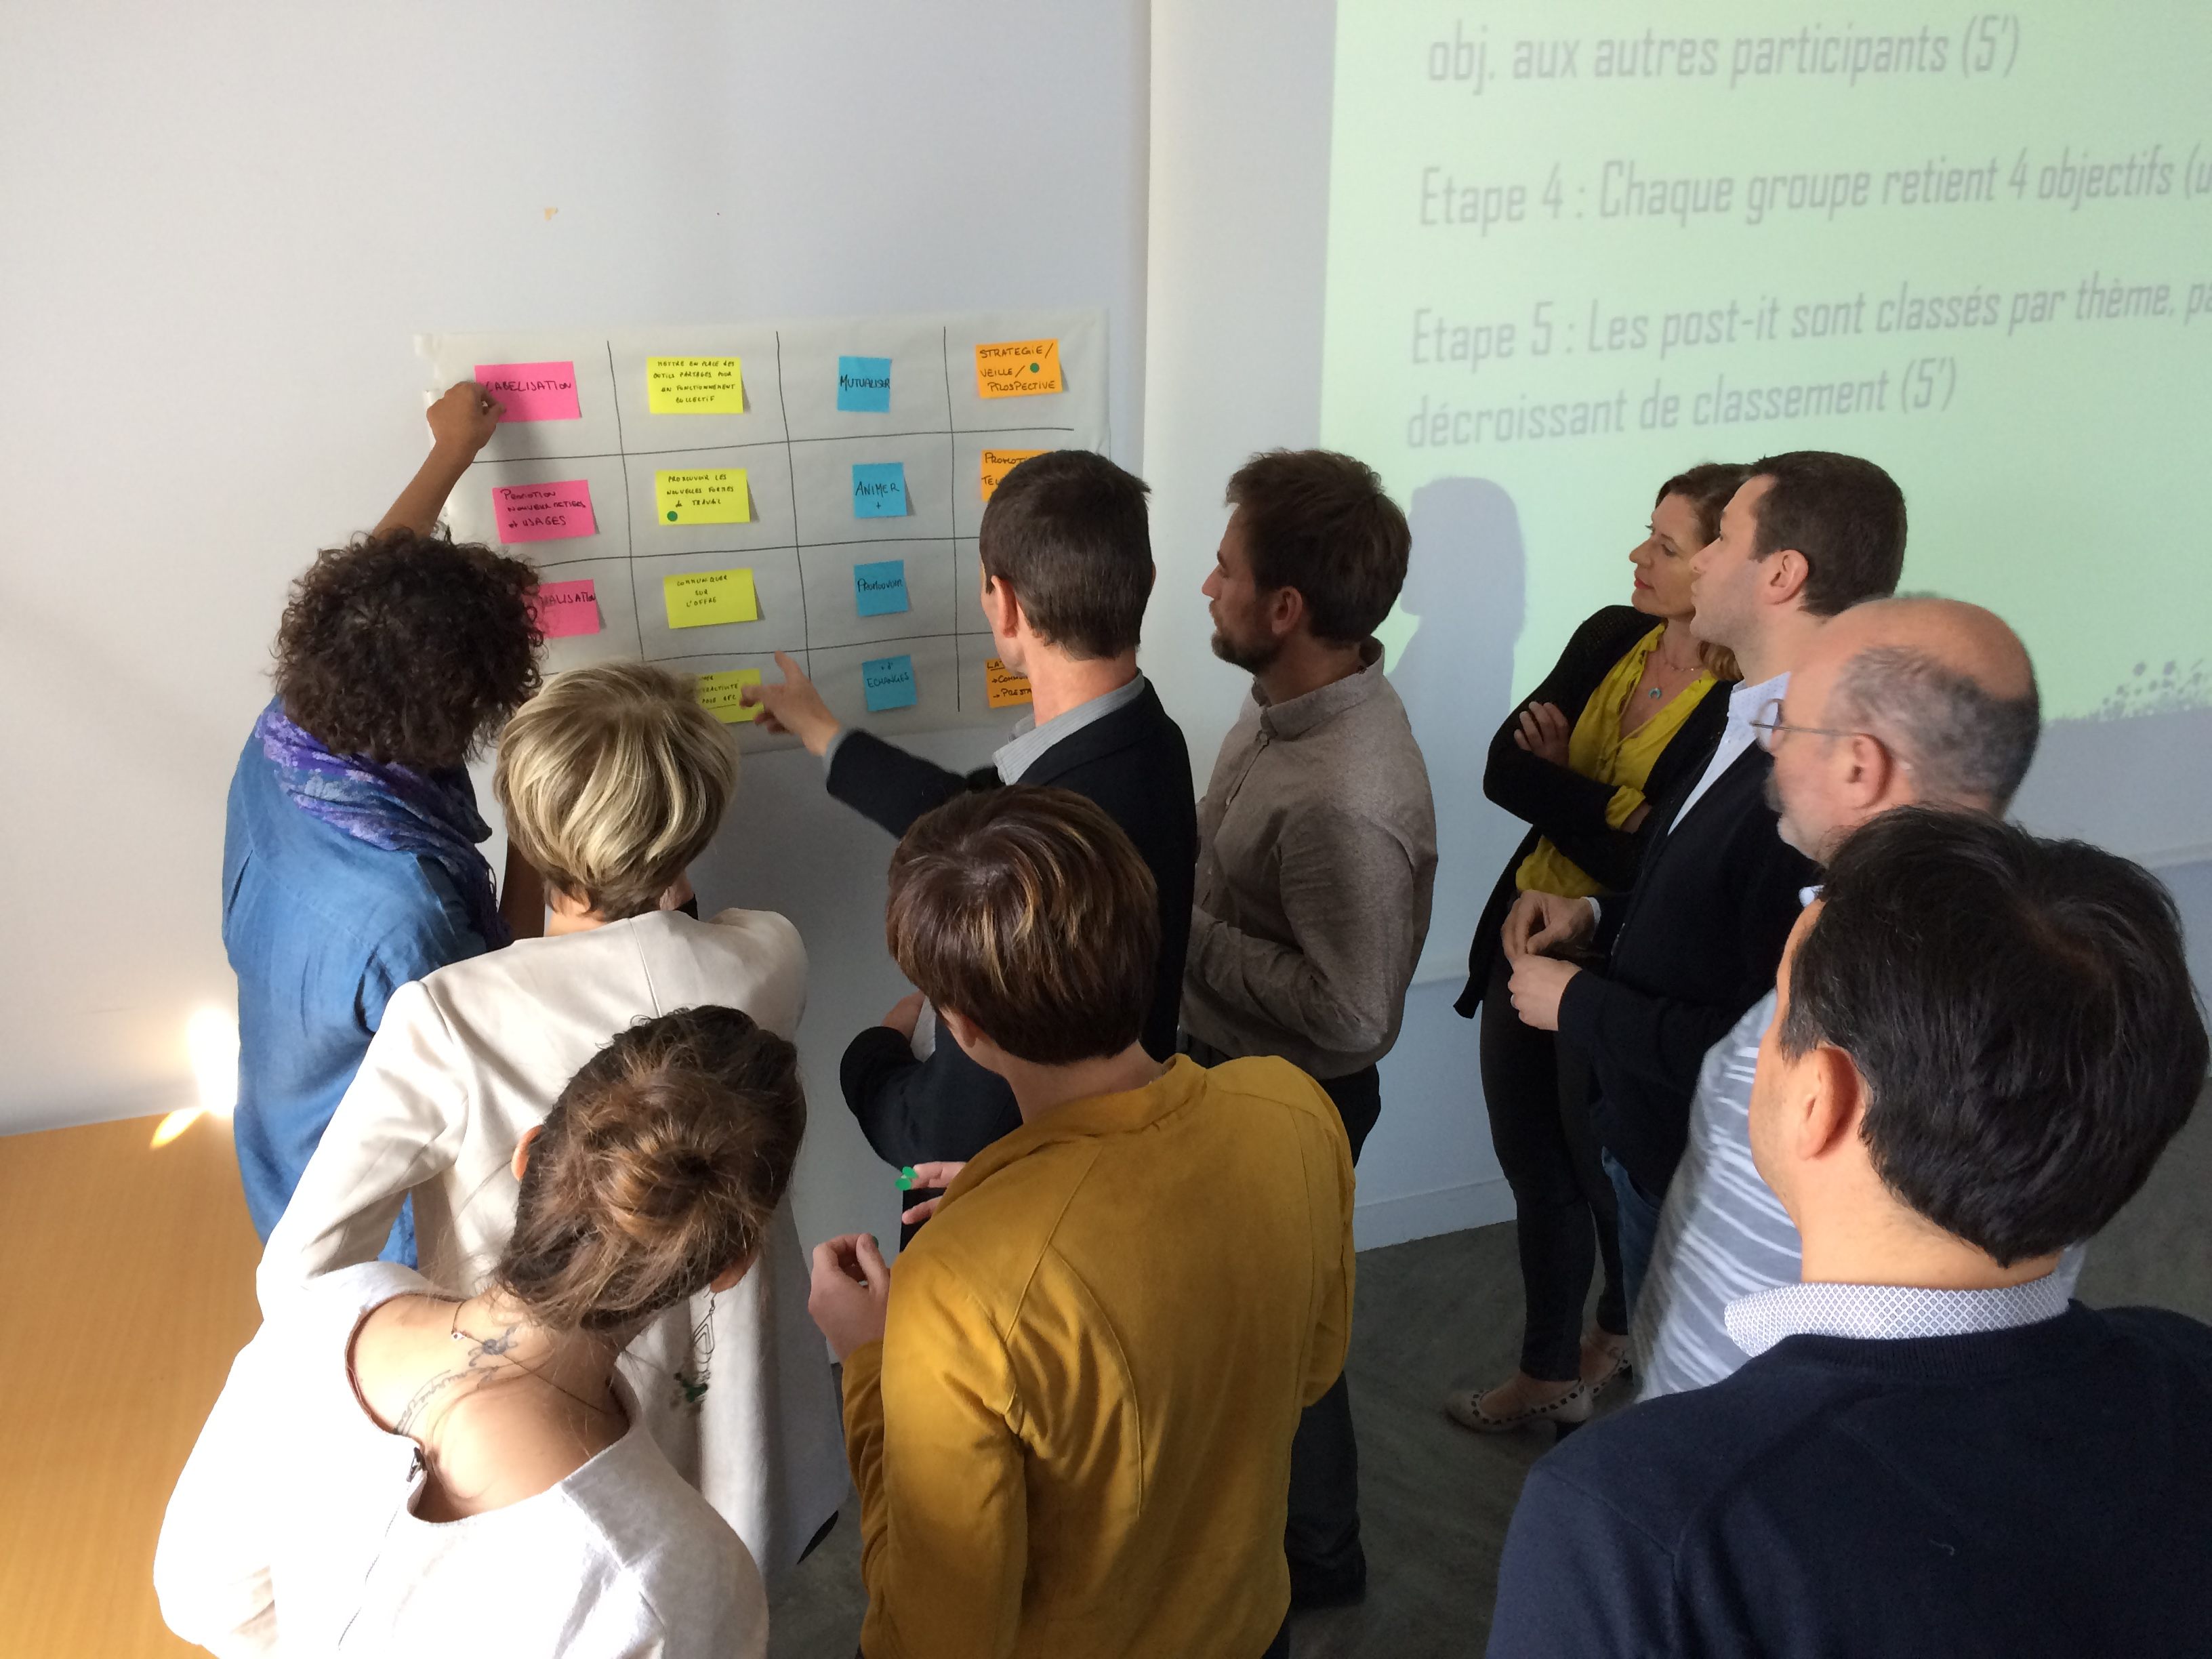 Pôle Métropolitain Centre Franche Comté: Appui à la mise en réseau des tiers-lieux